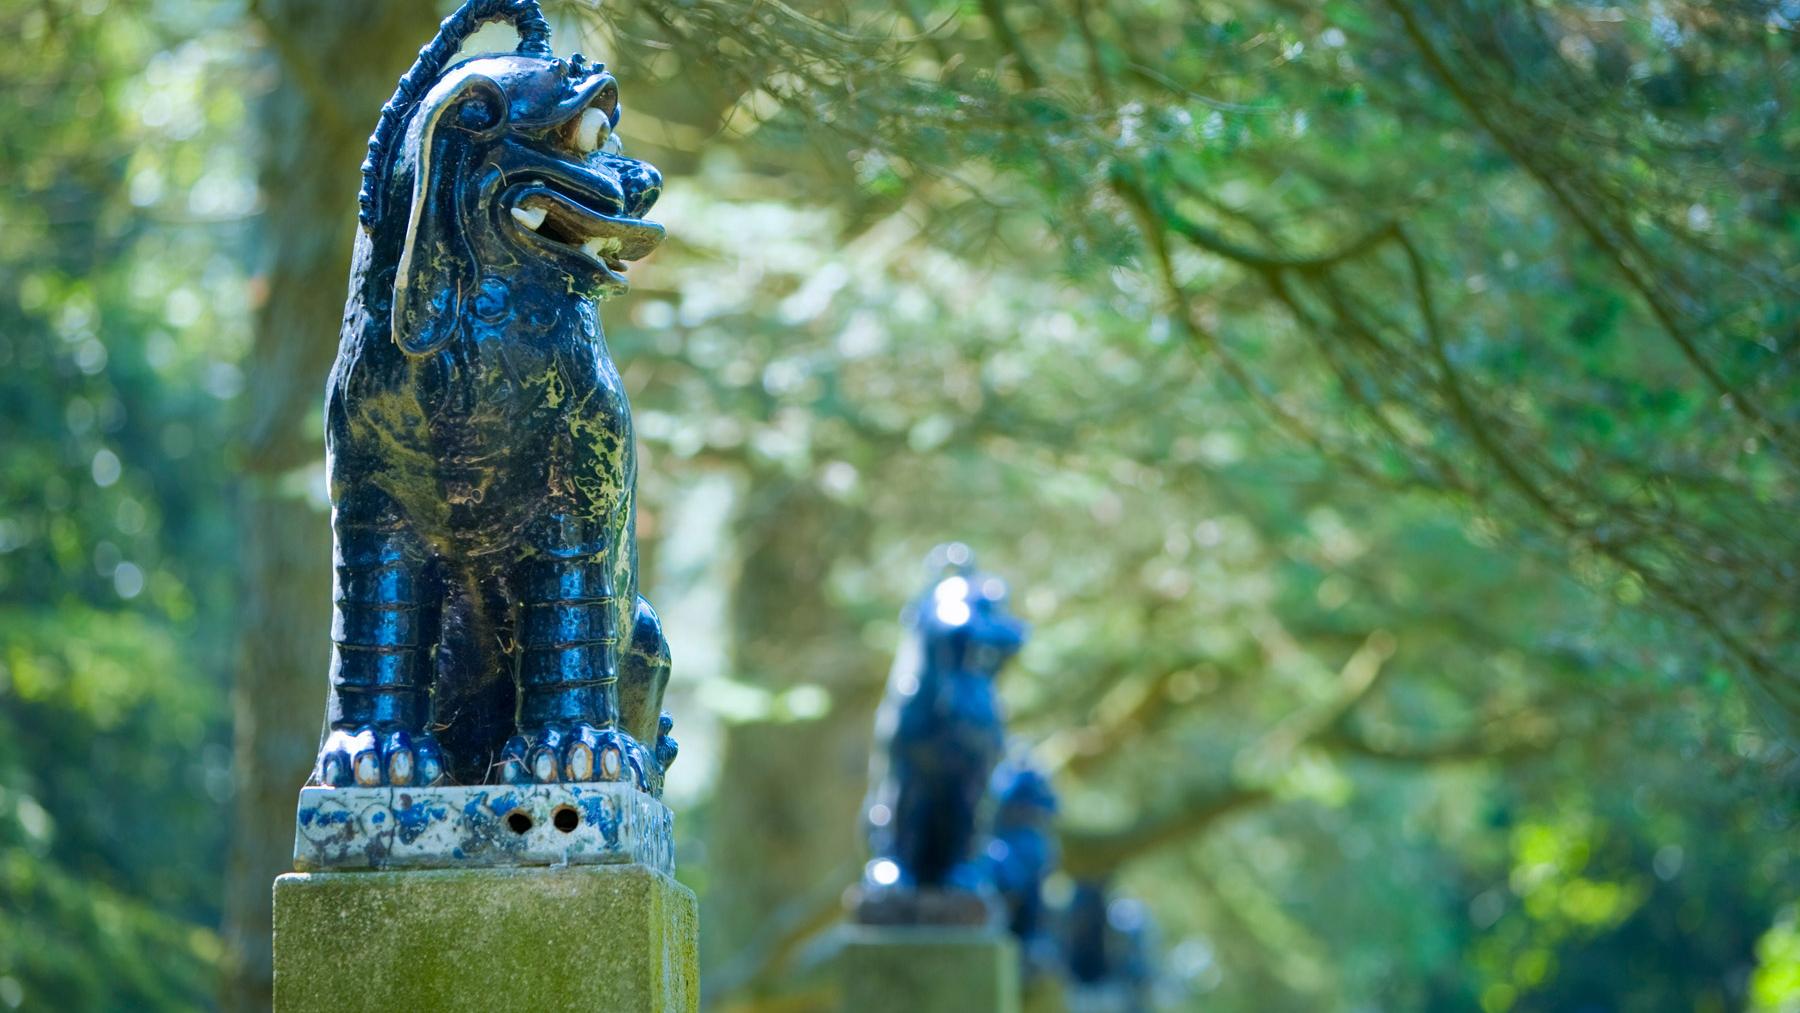 Fudog sculptures at the U of I's Allerton Park